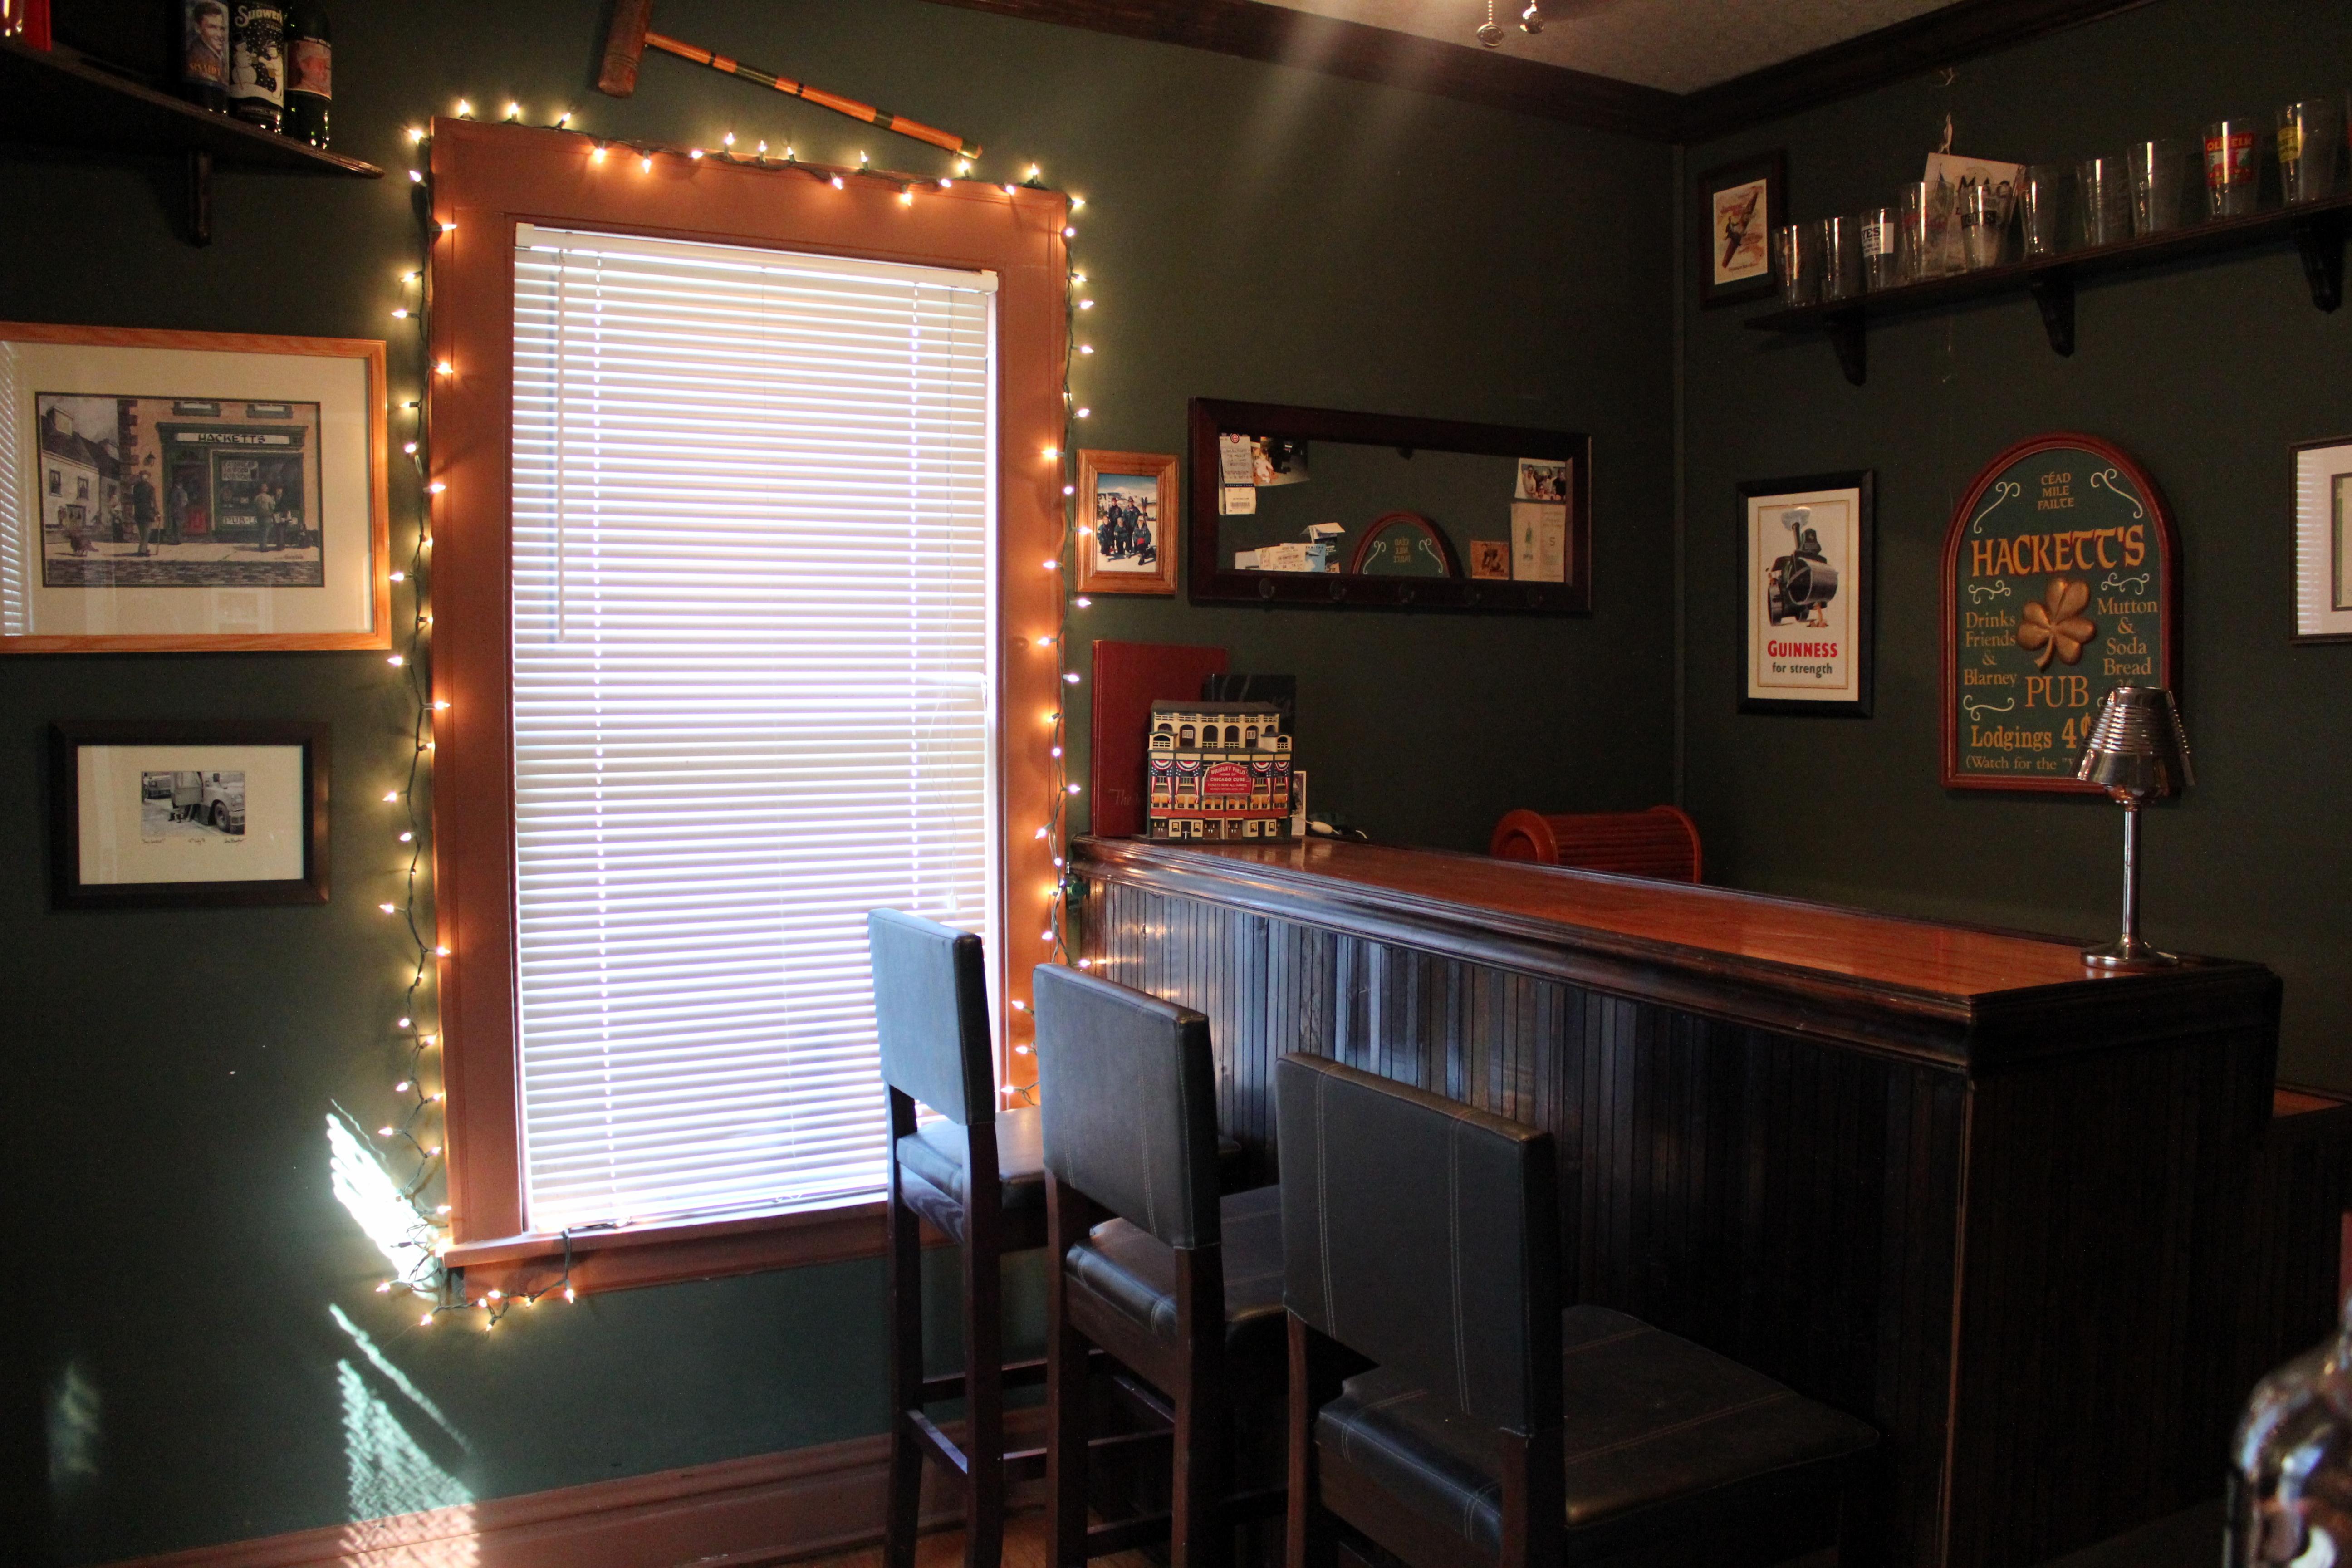 Hackett's pub